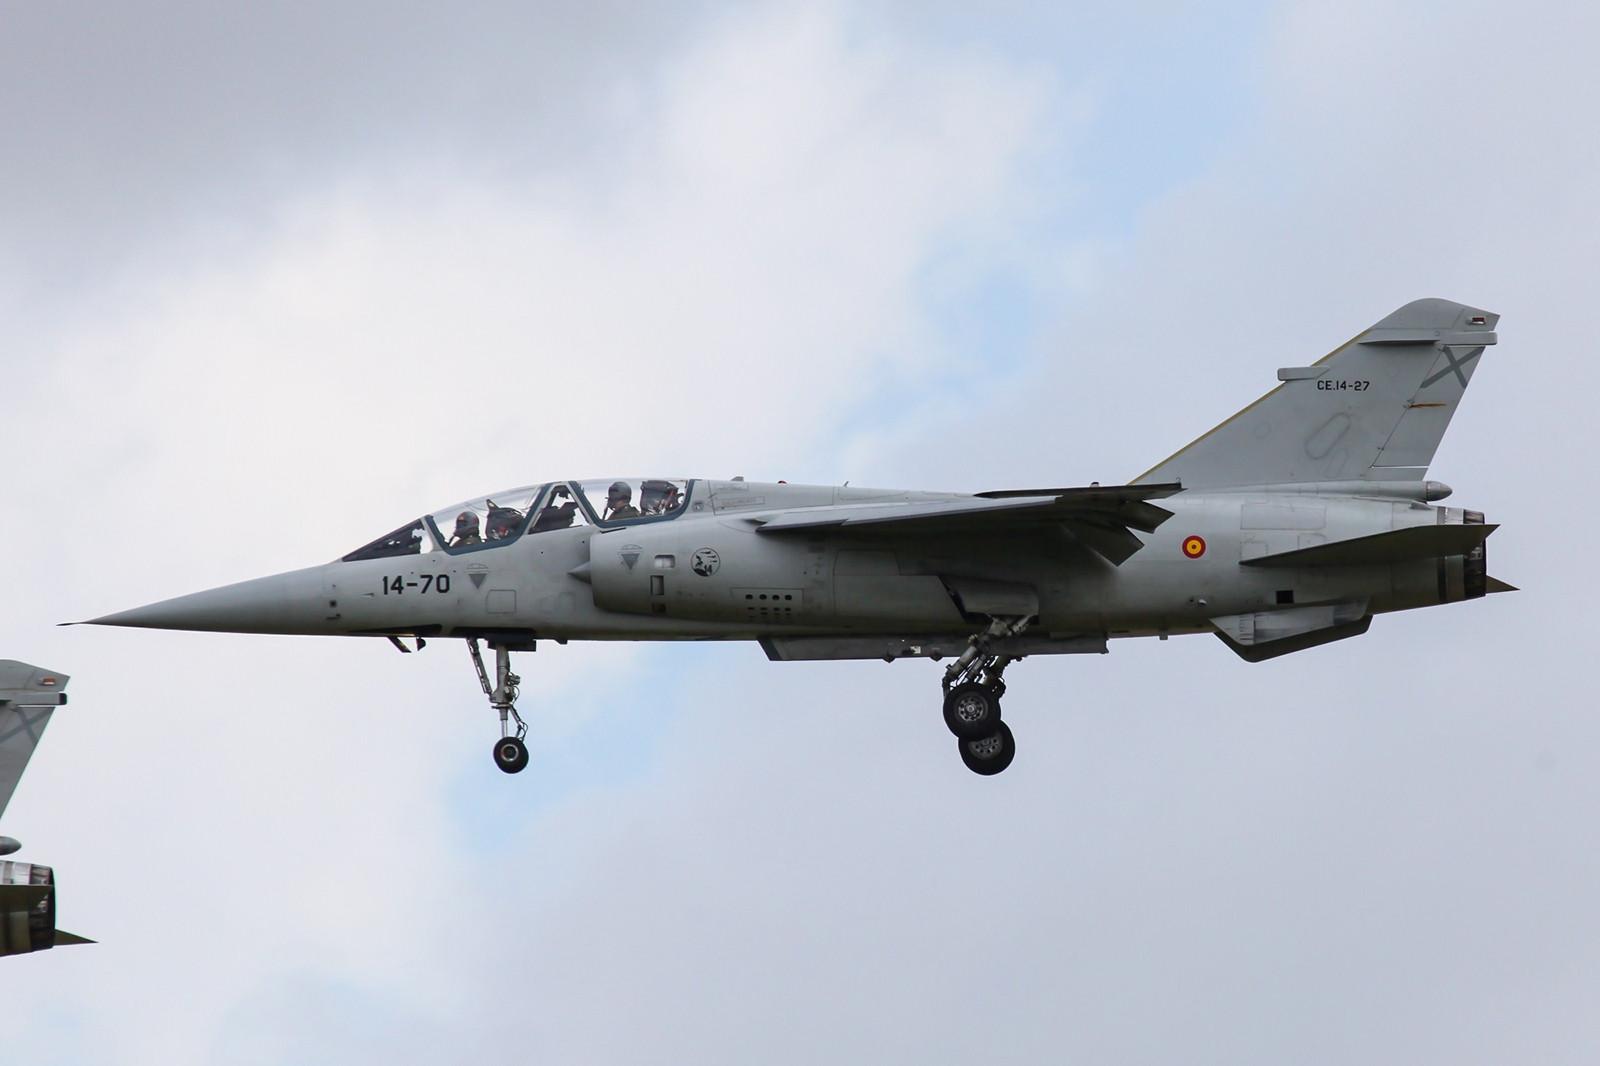 Mein einziger Doppelsitzer, die CE.14-27, eine Mirage F-1BE. Von den ehemals sechs gekauften, gingen vier durch Abstürze verloren.